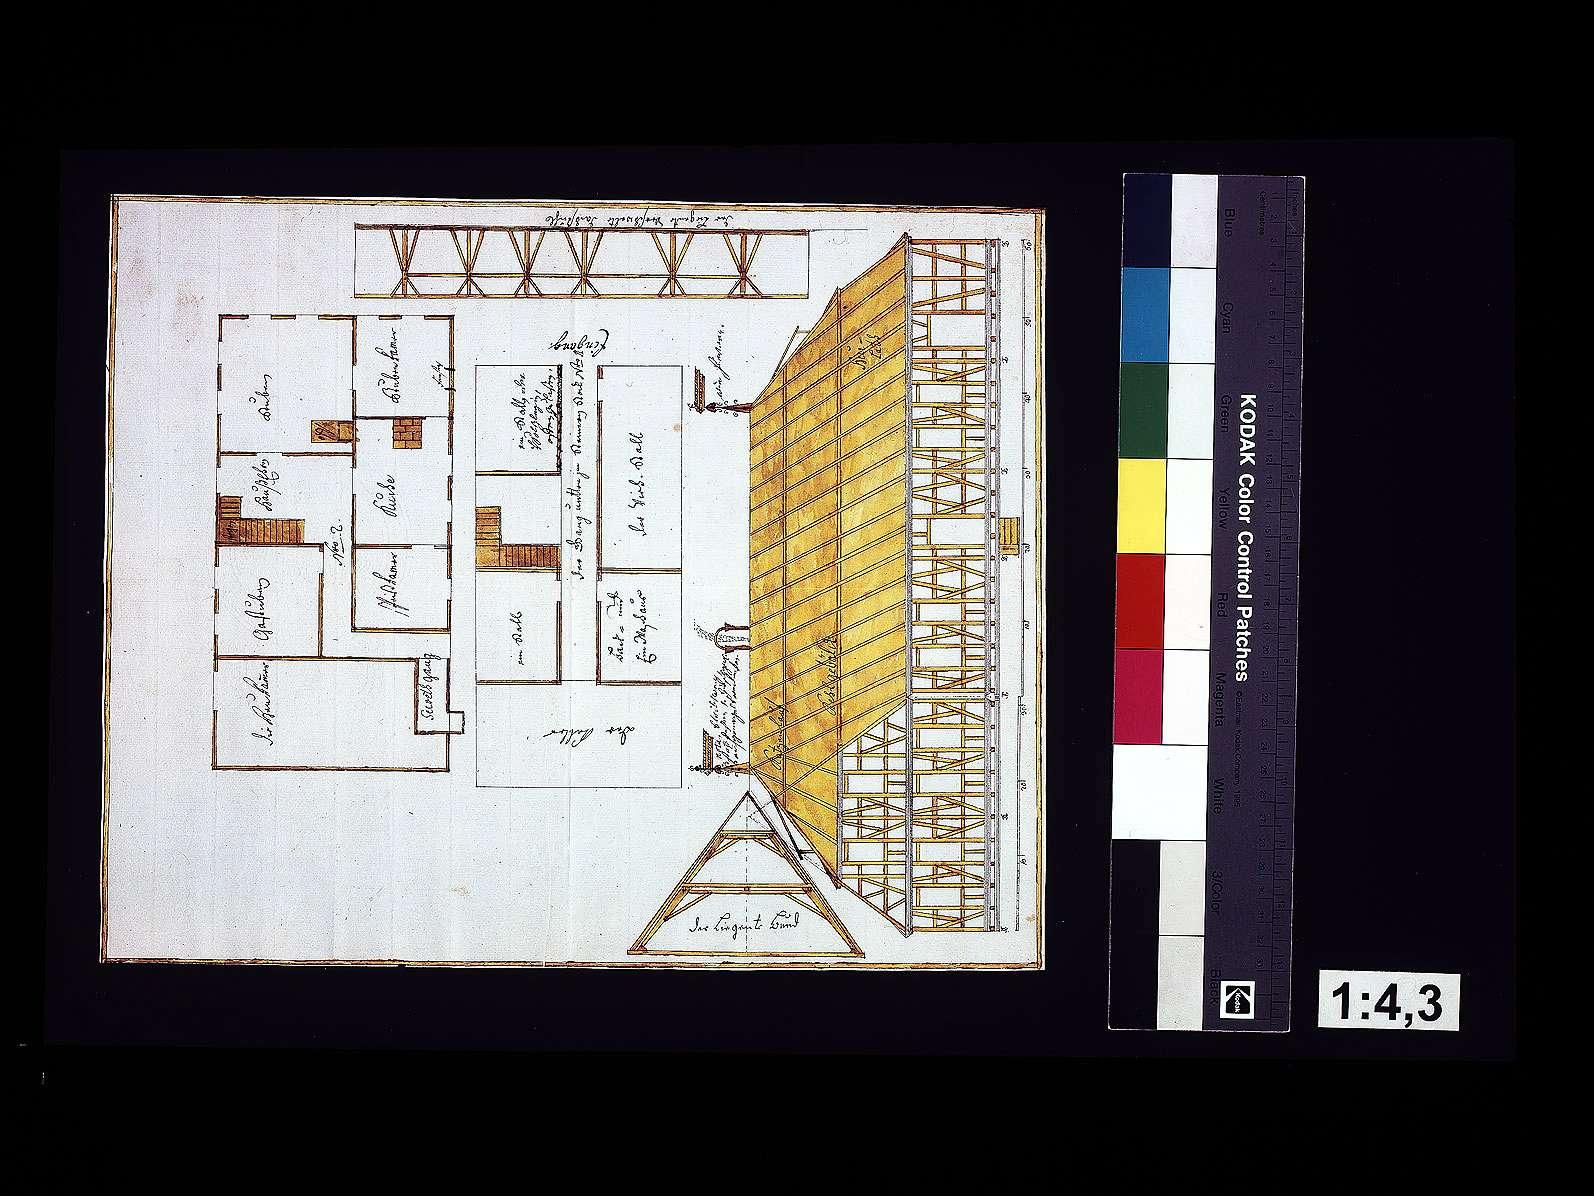 Baufälligkeit des Jägerhauses zu Löwenstein, dessen Abriss und neue Erbauung, Bild 1